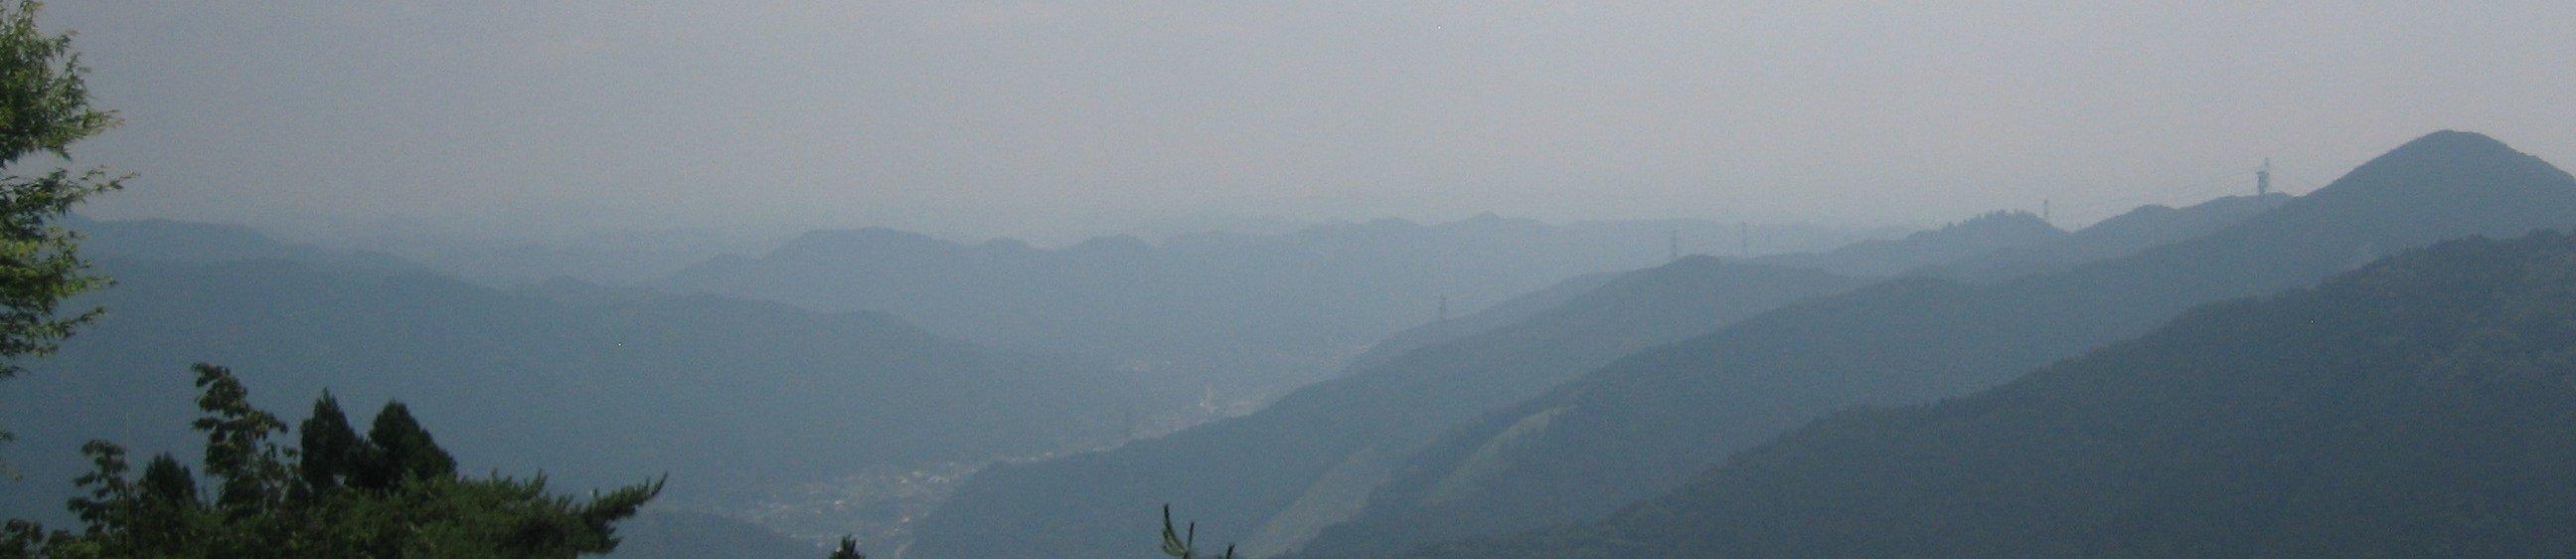 御岳山 banner image